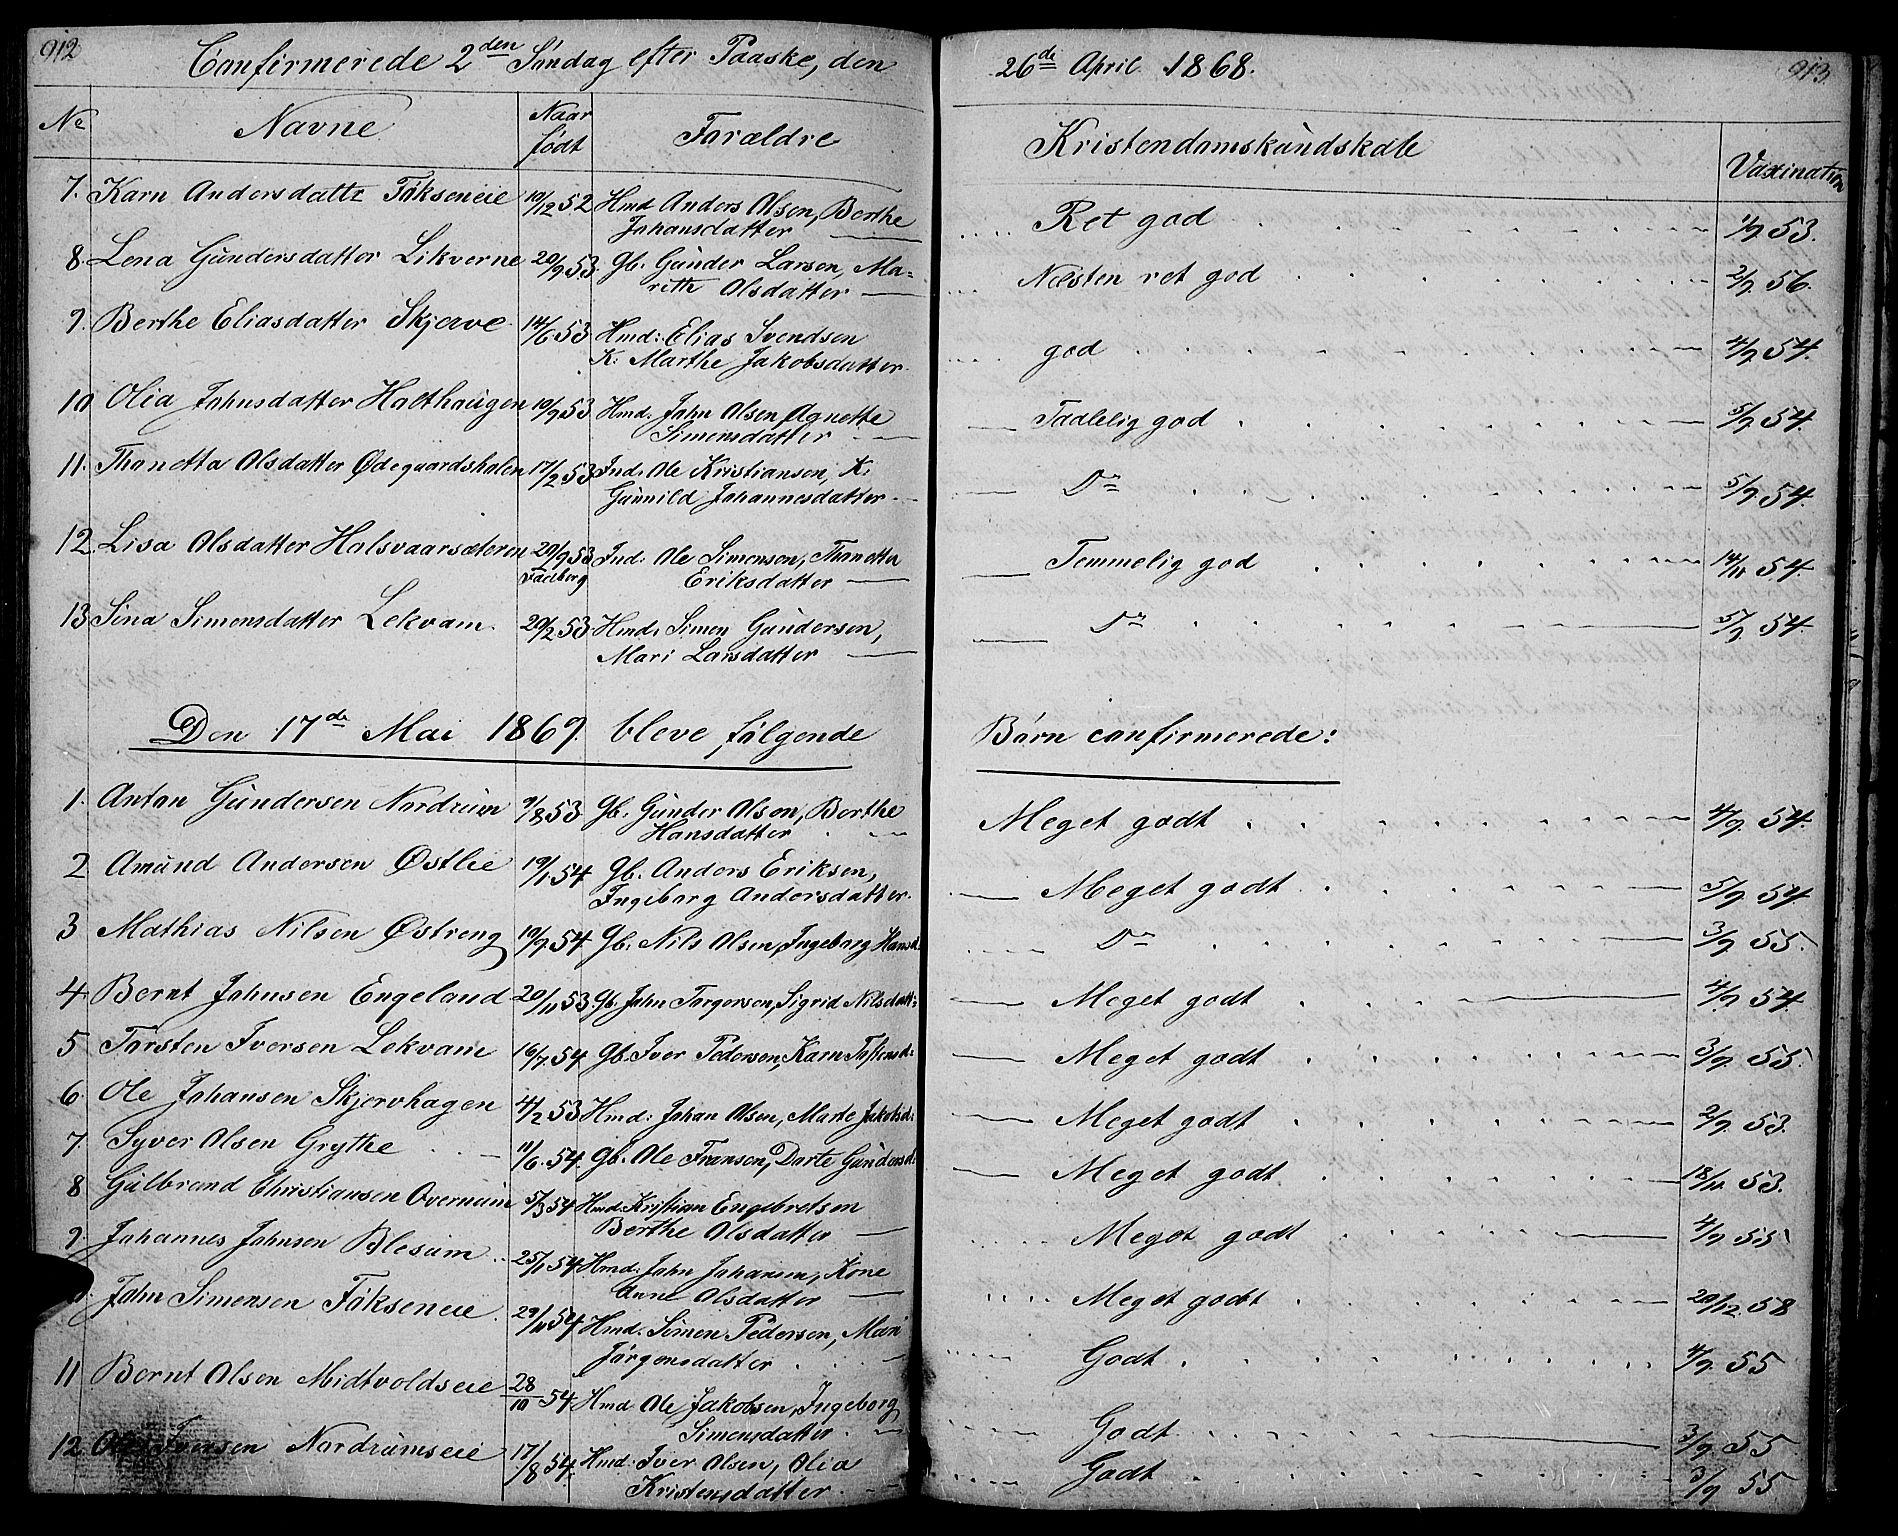 SAH, Gausdal prestekontor, Klokkerbok nr. 4, 1835-1870, s. 912-913